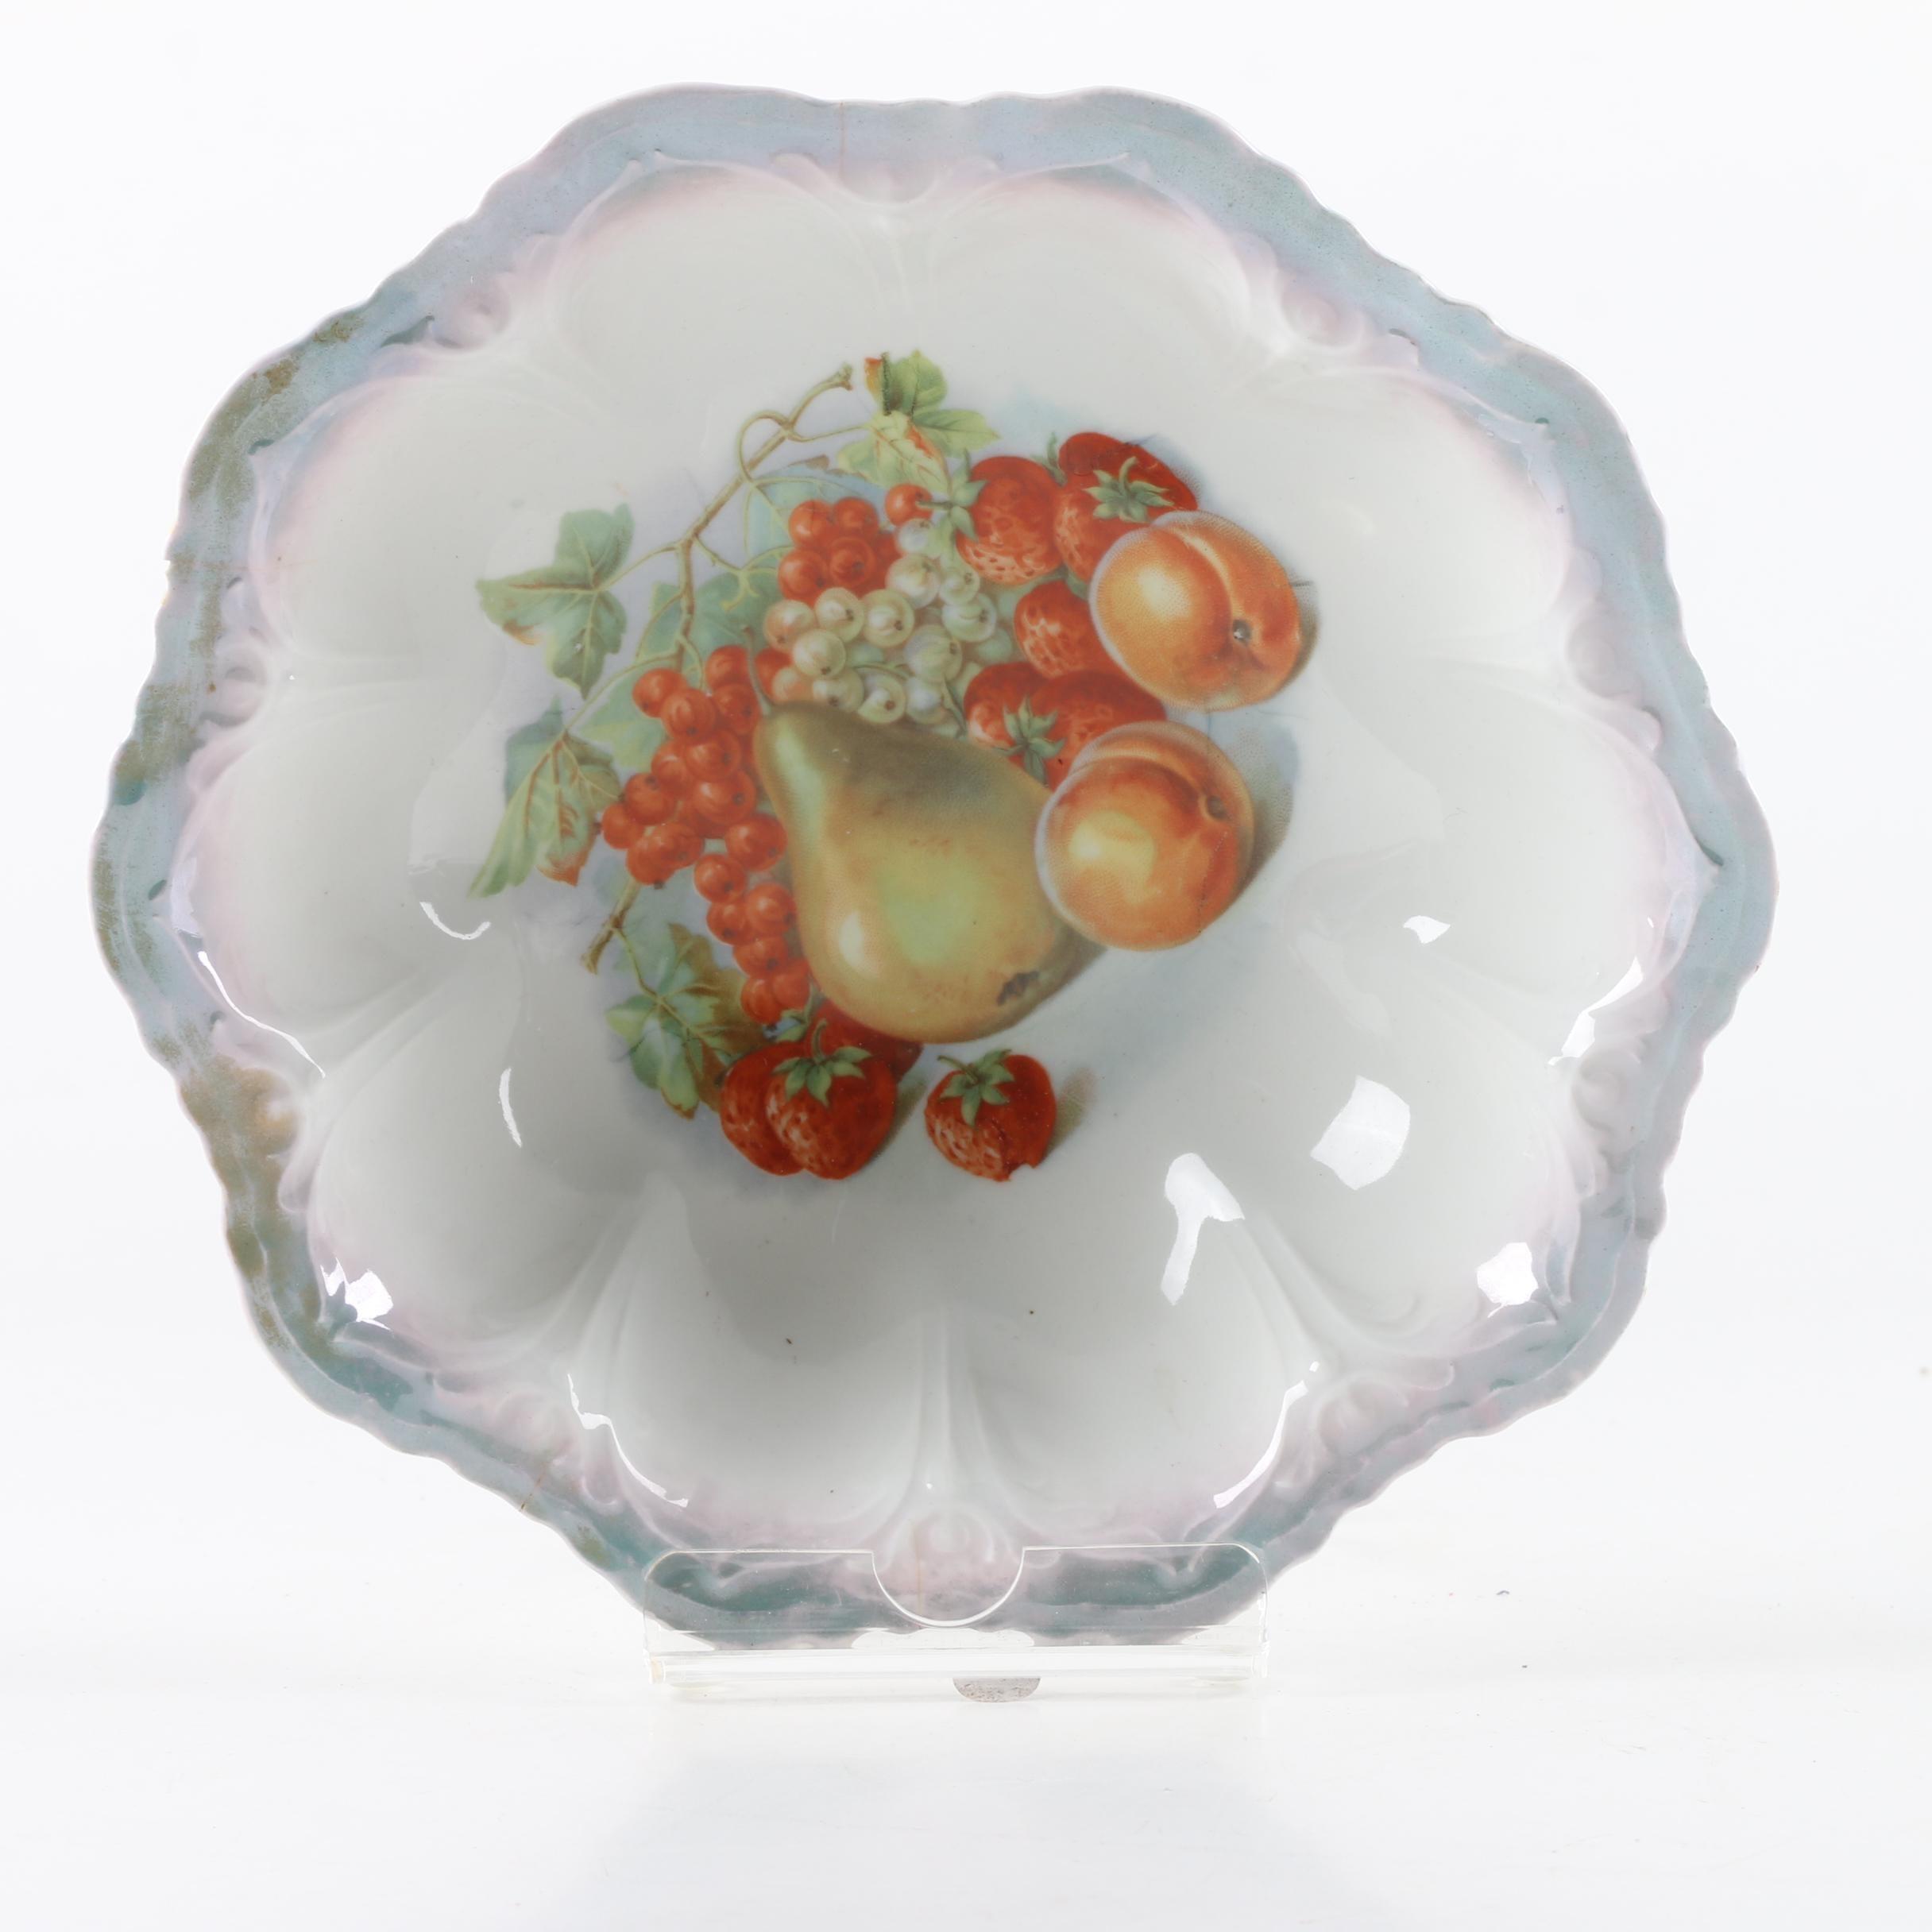 Antique Kühler & Quist Porcelain Bowl ca. 1906-09